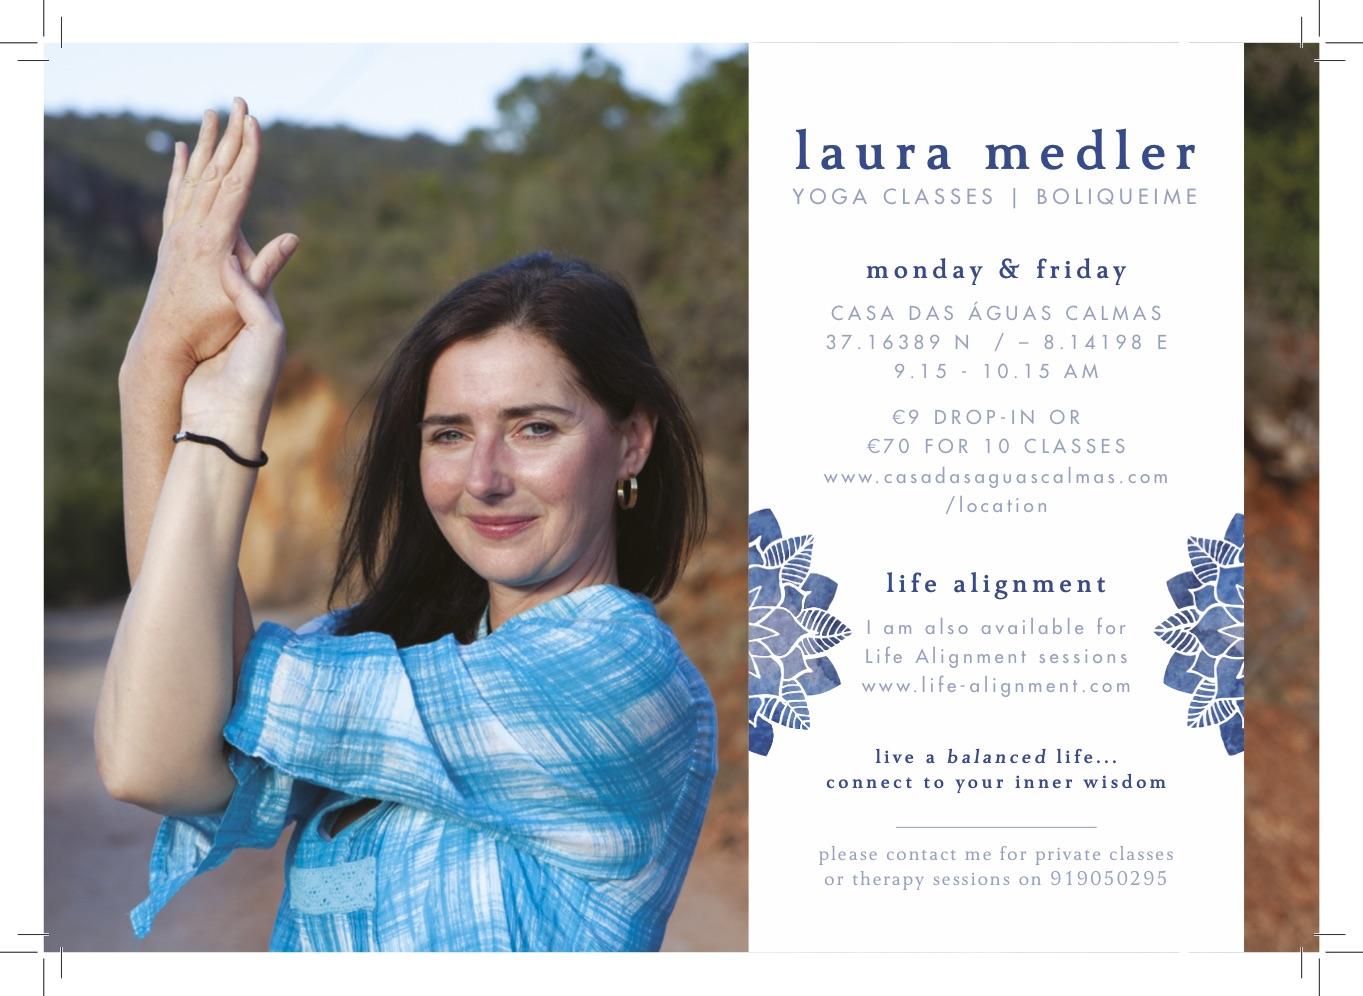 Laura-Medler-A5-Landscape-Flyer